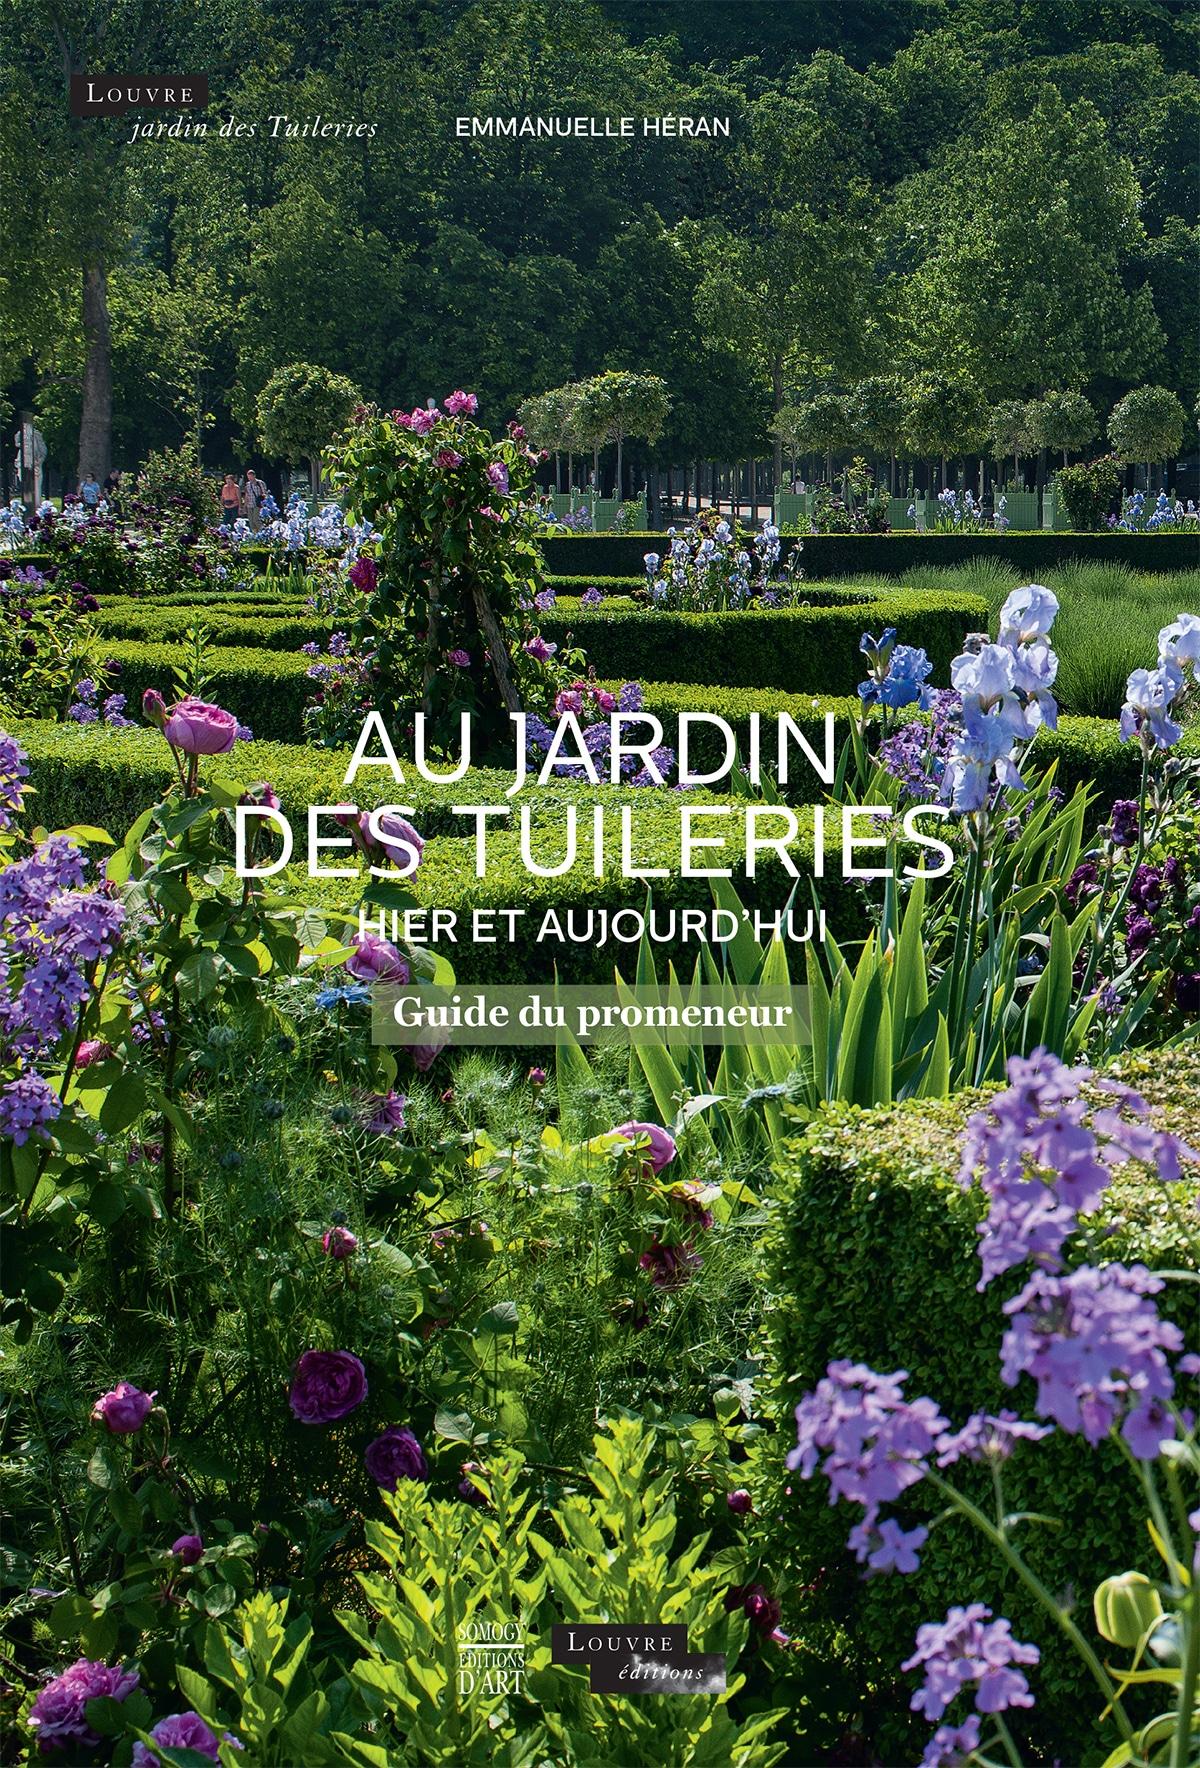 Au jardins des tuileries parcs et jardins paca for Jardin des tuileries 2016